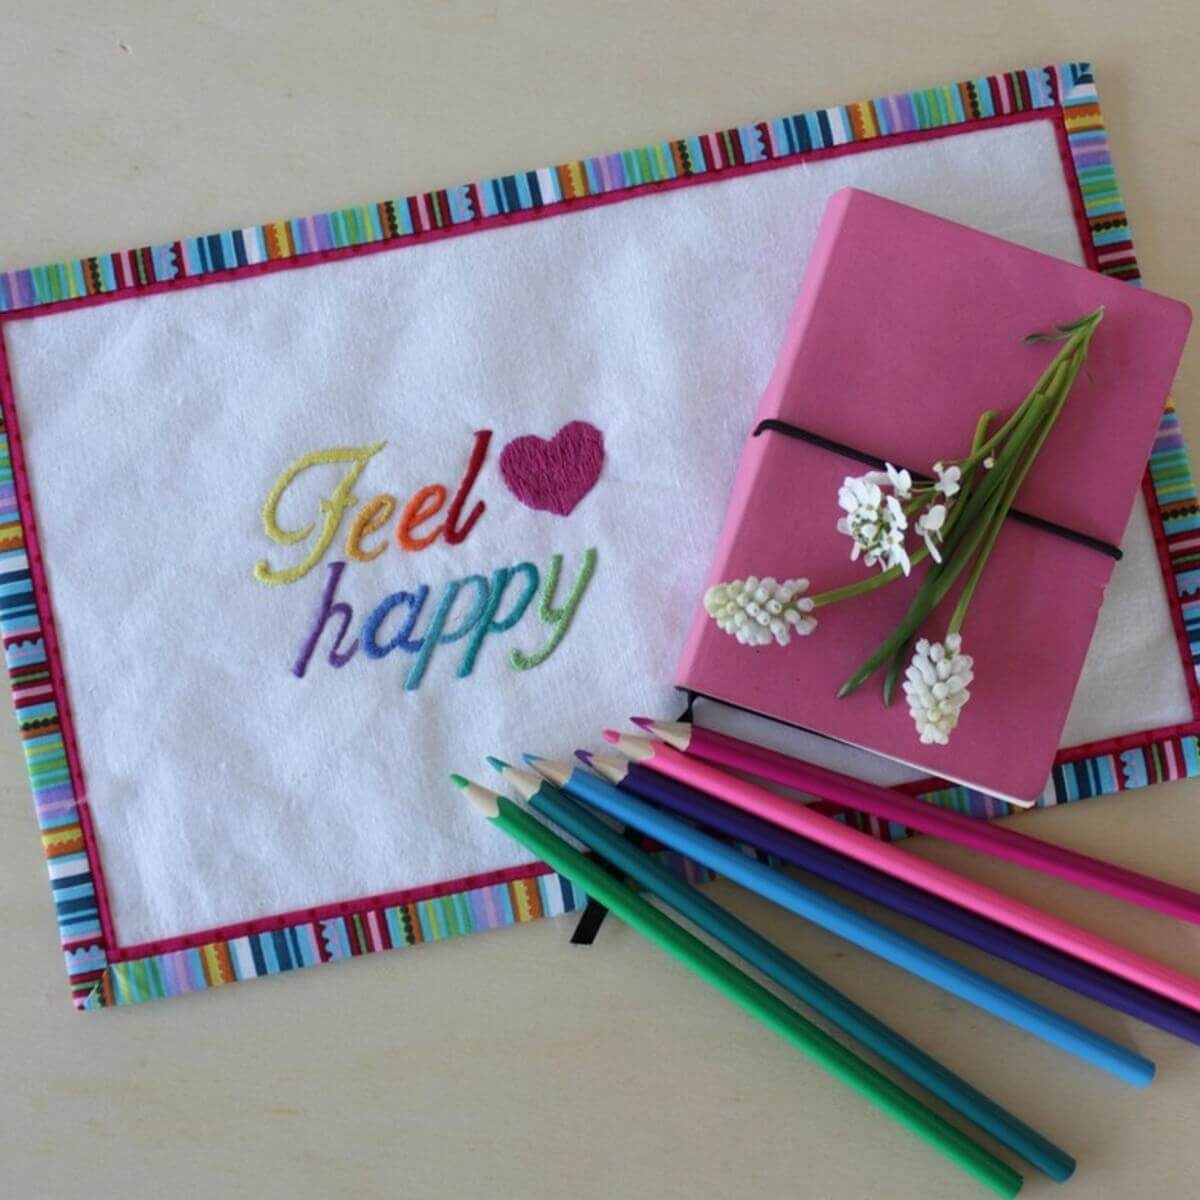 Handstick Vorlage Feel happy - Mug-Rug